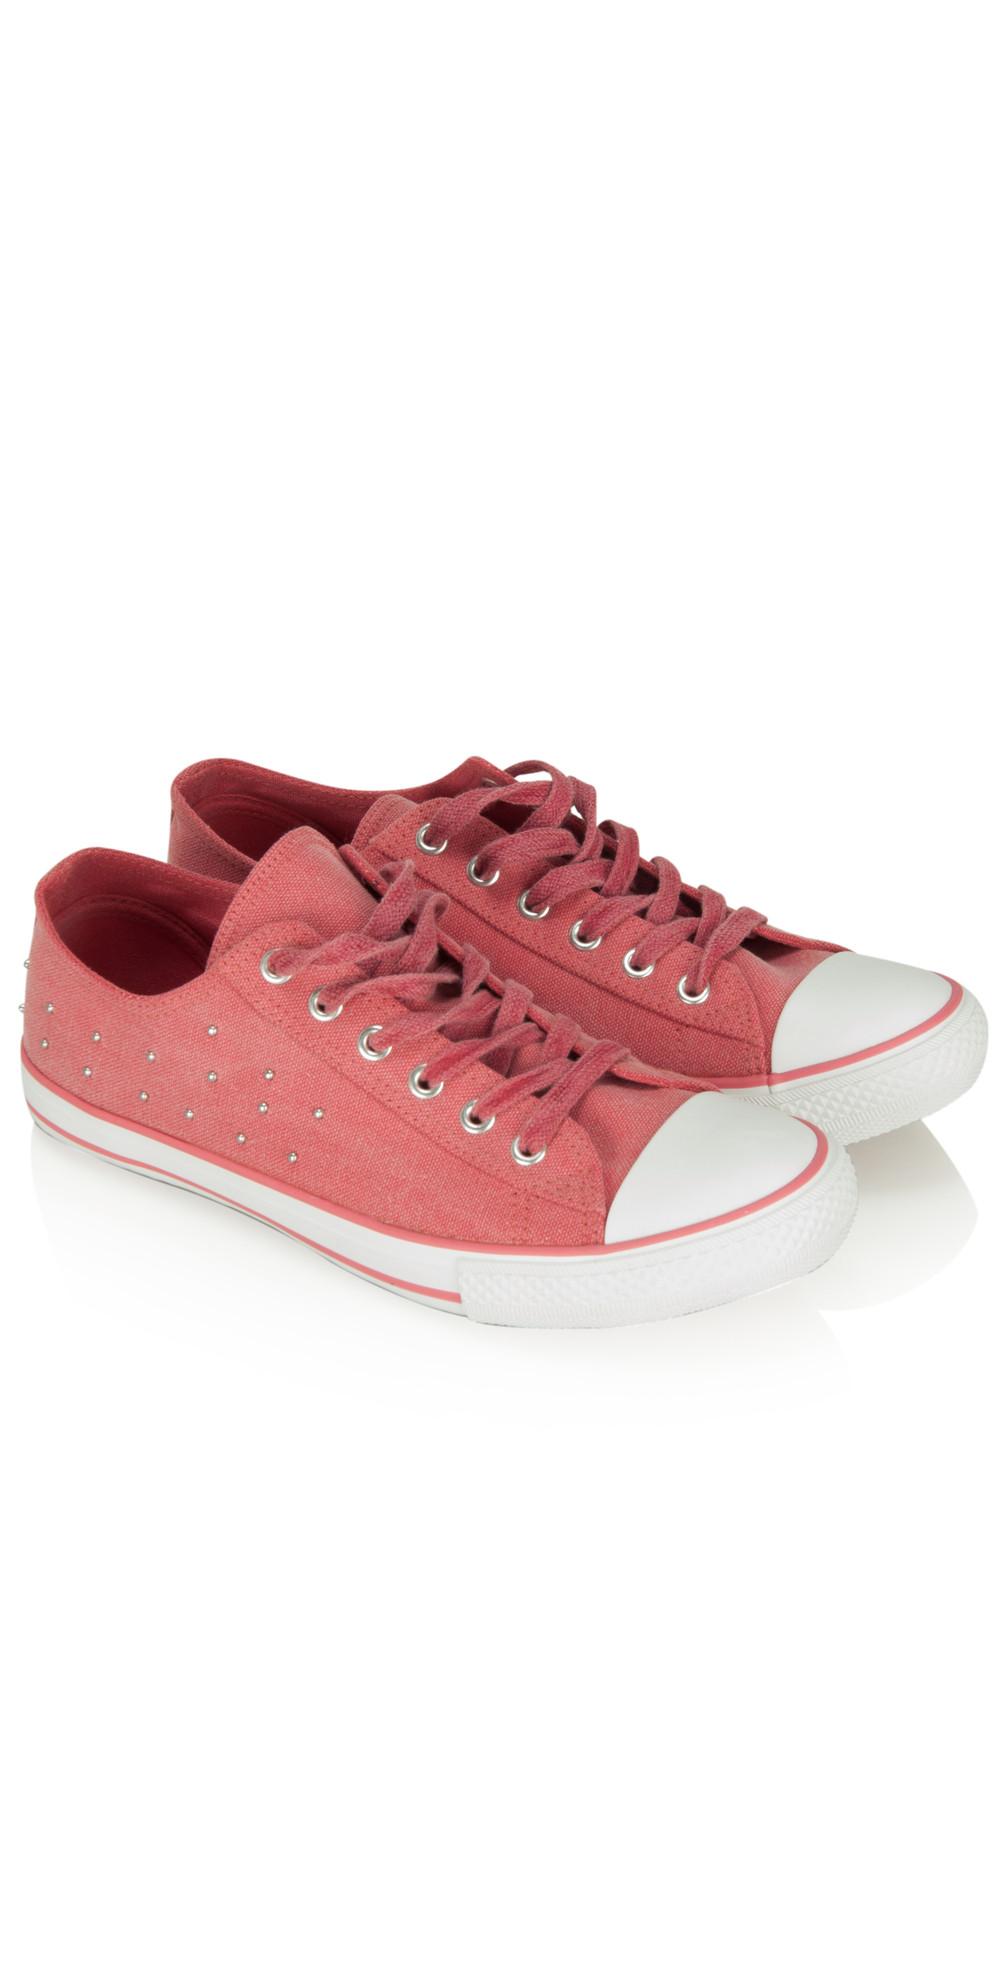 Sneakers main image